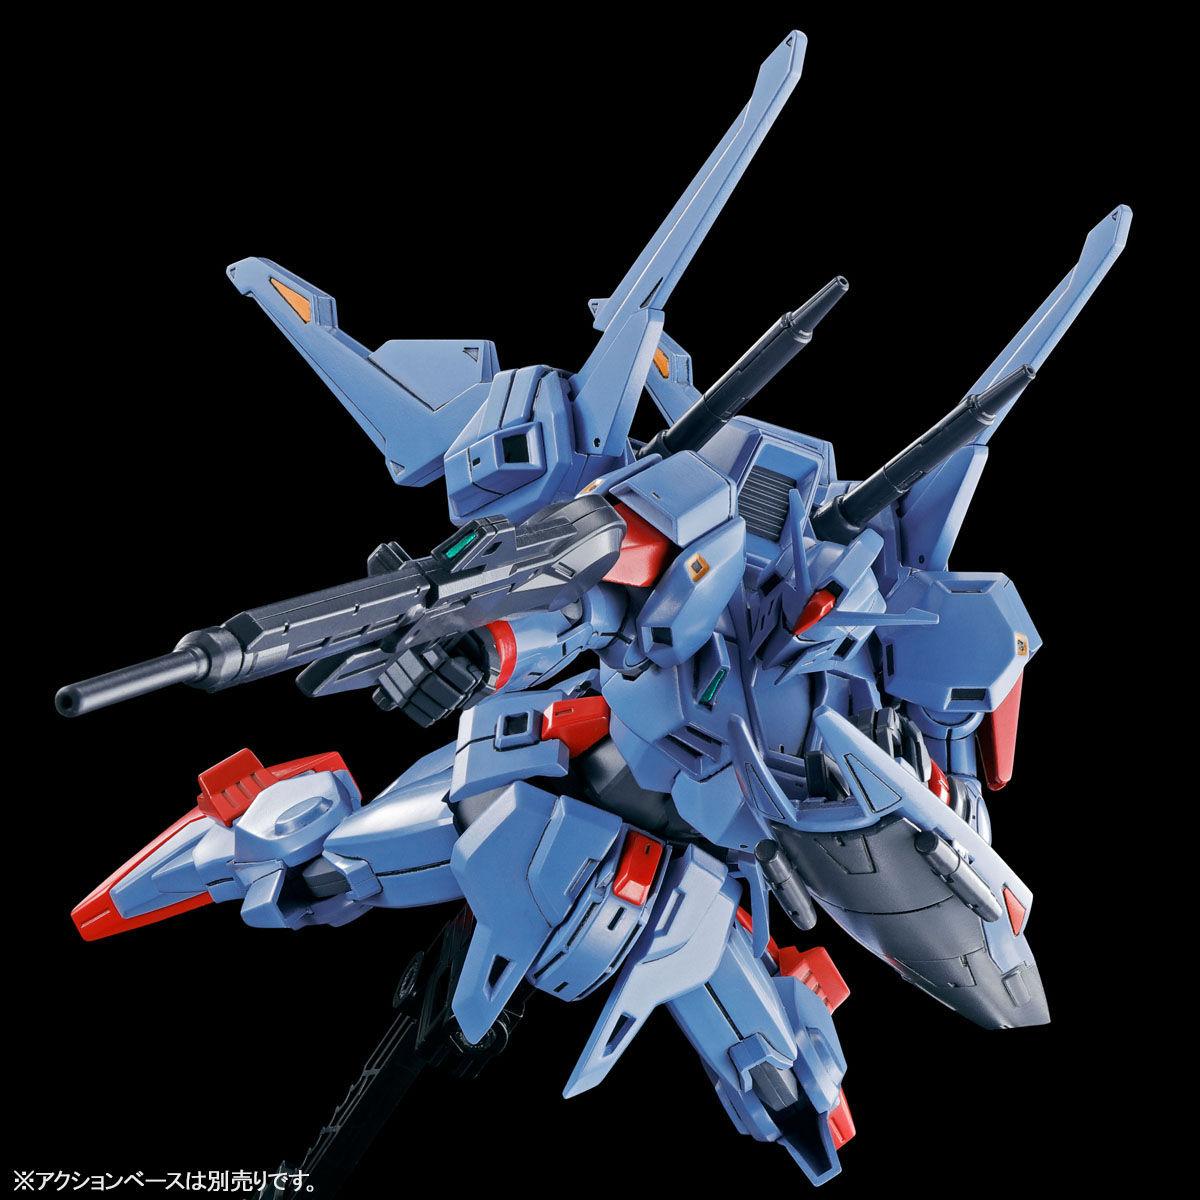 【限定販売】【2次】HG 1/144『ガンダムMk-III』Ζ-MSV プラモデル-004